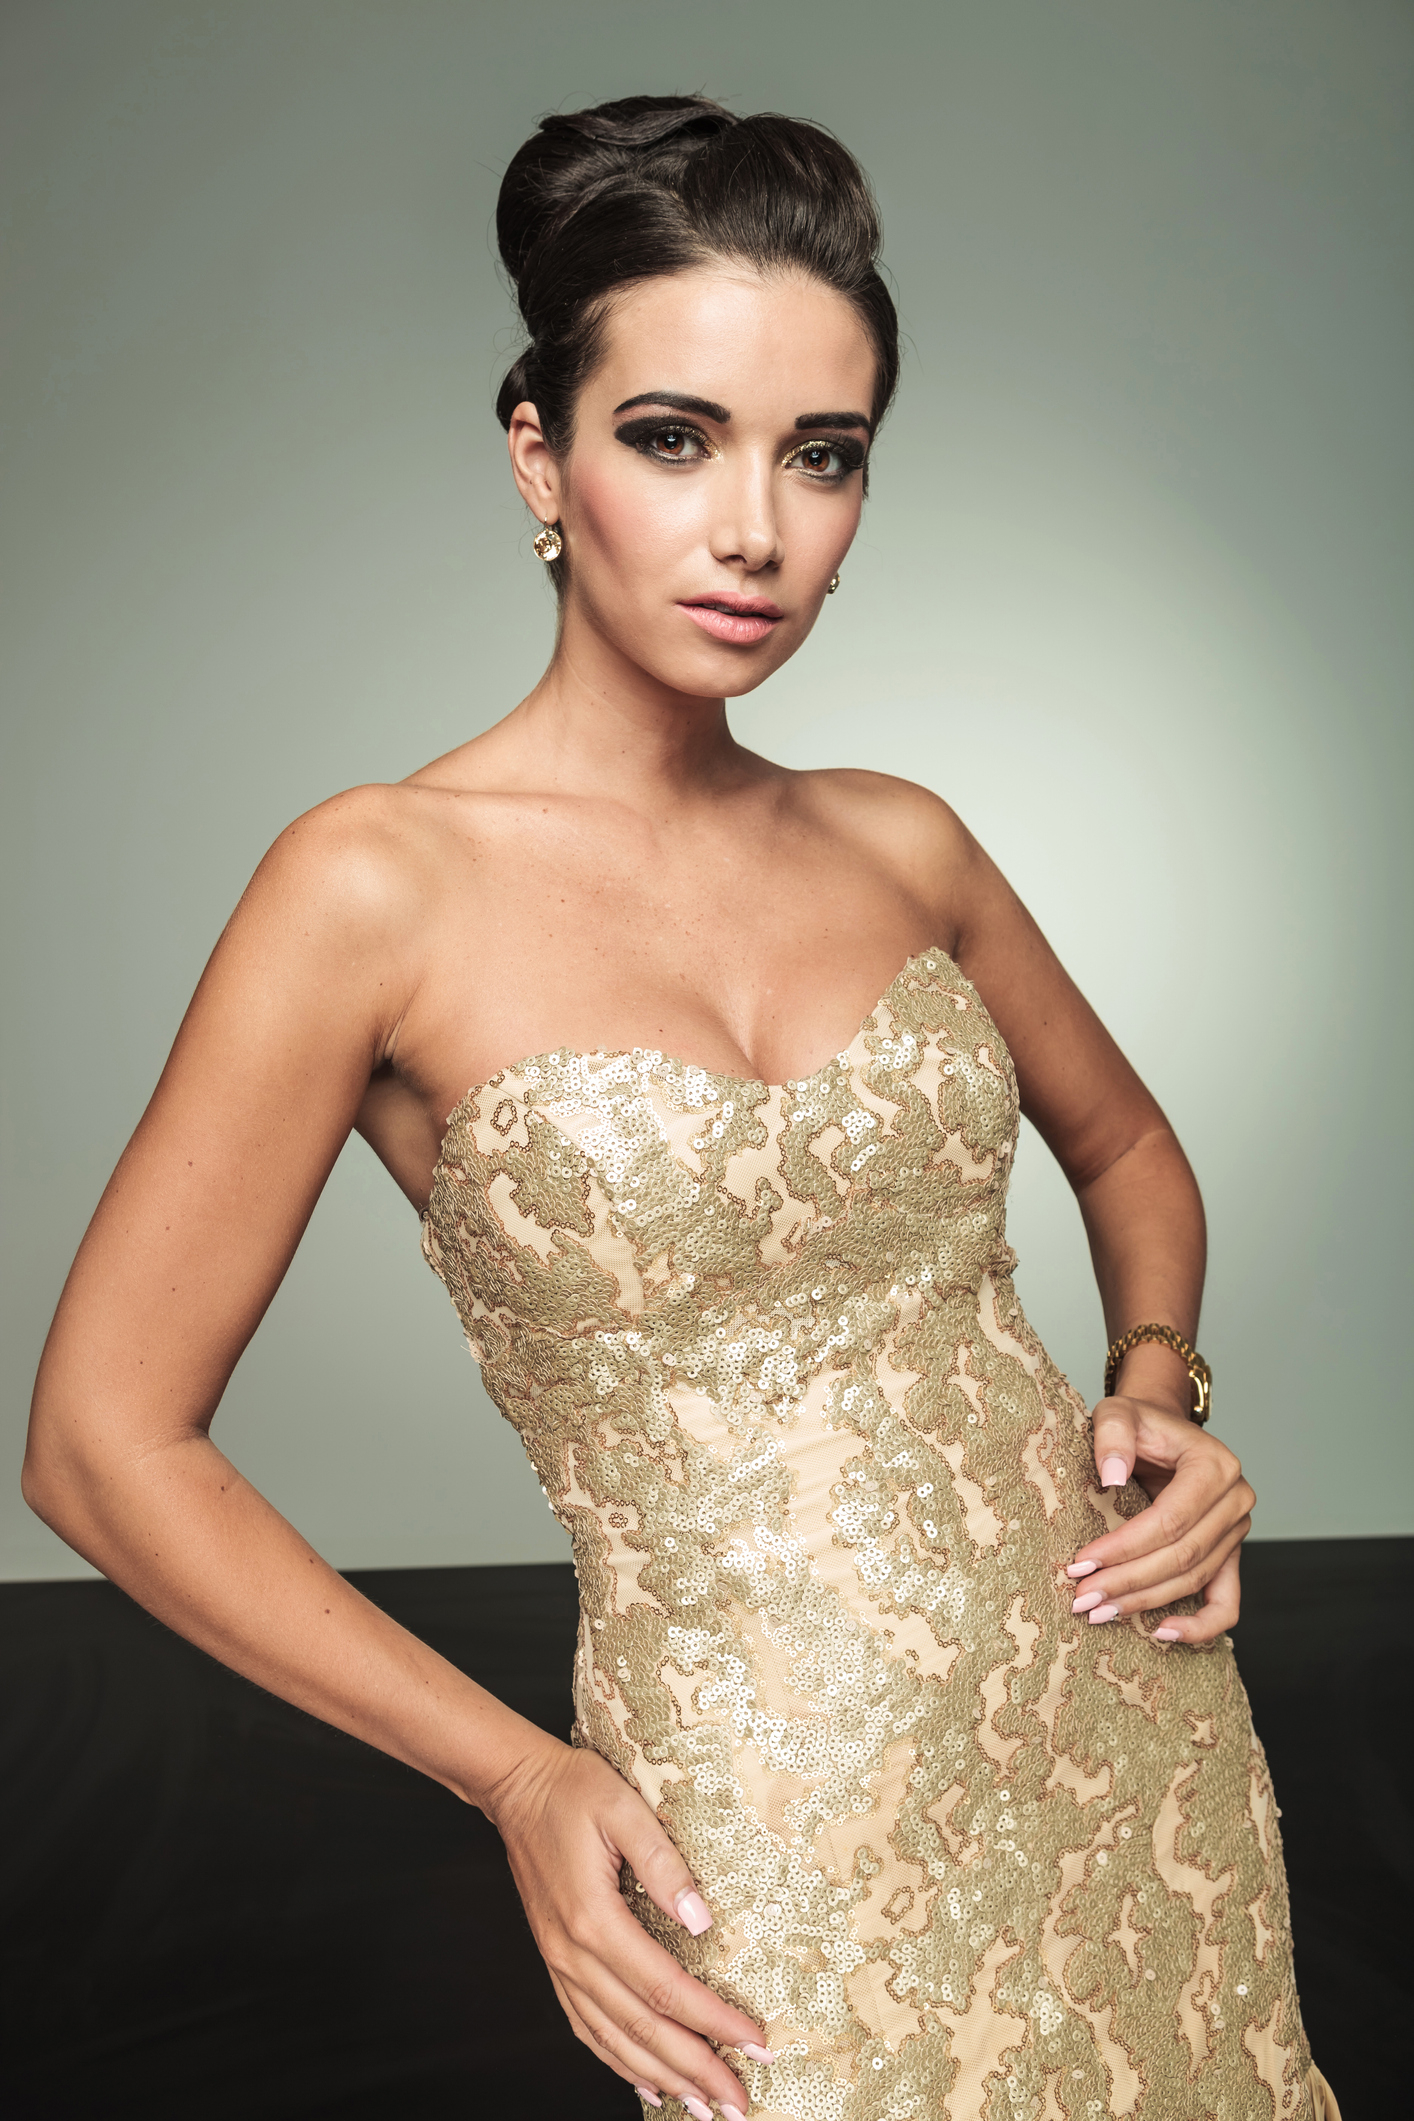 photo modèle de robe bustier étroite avec broderie dorure pour soirée élégante